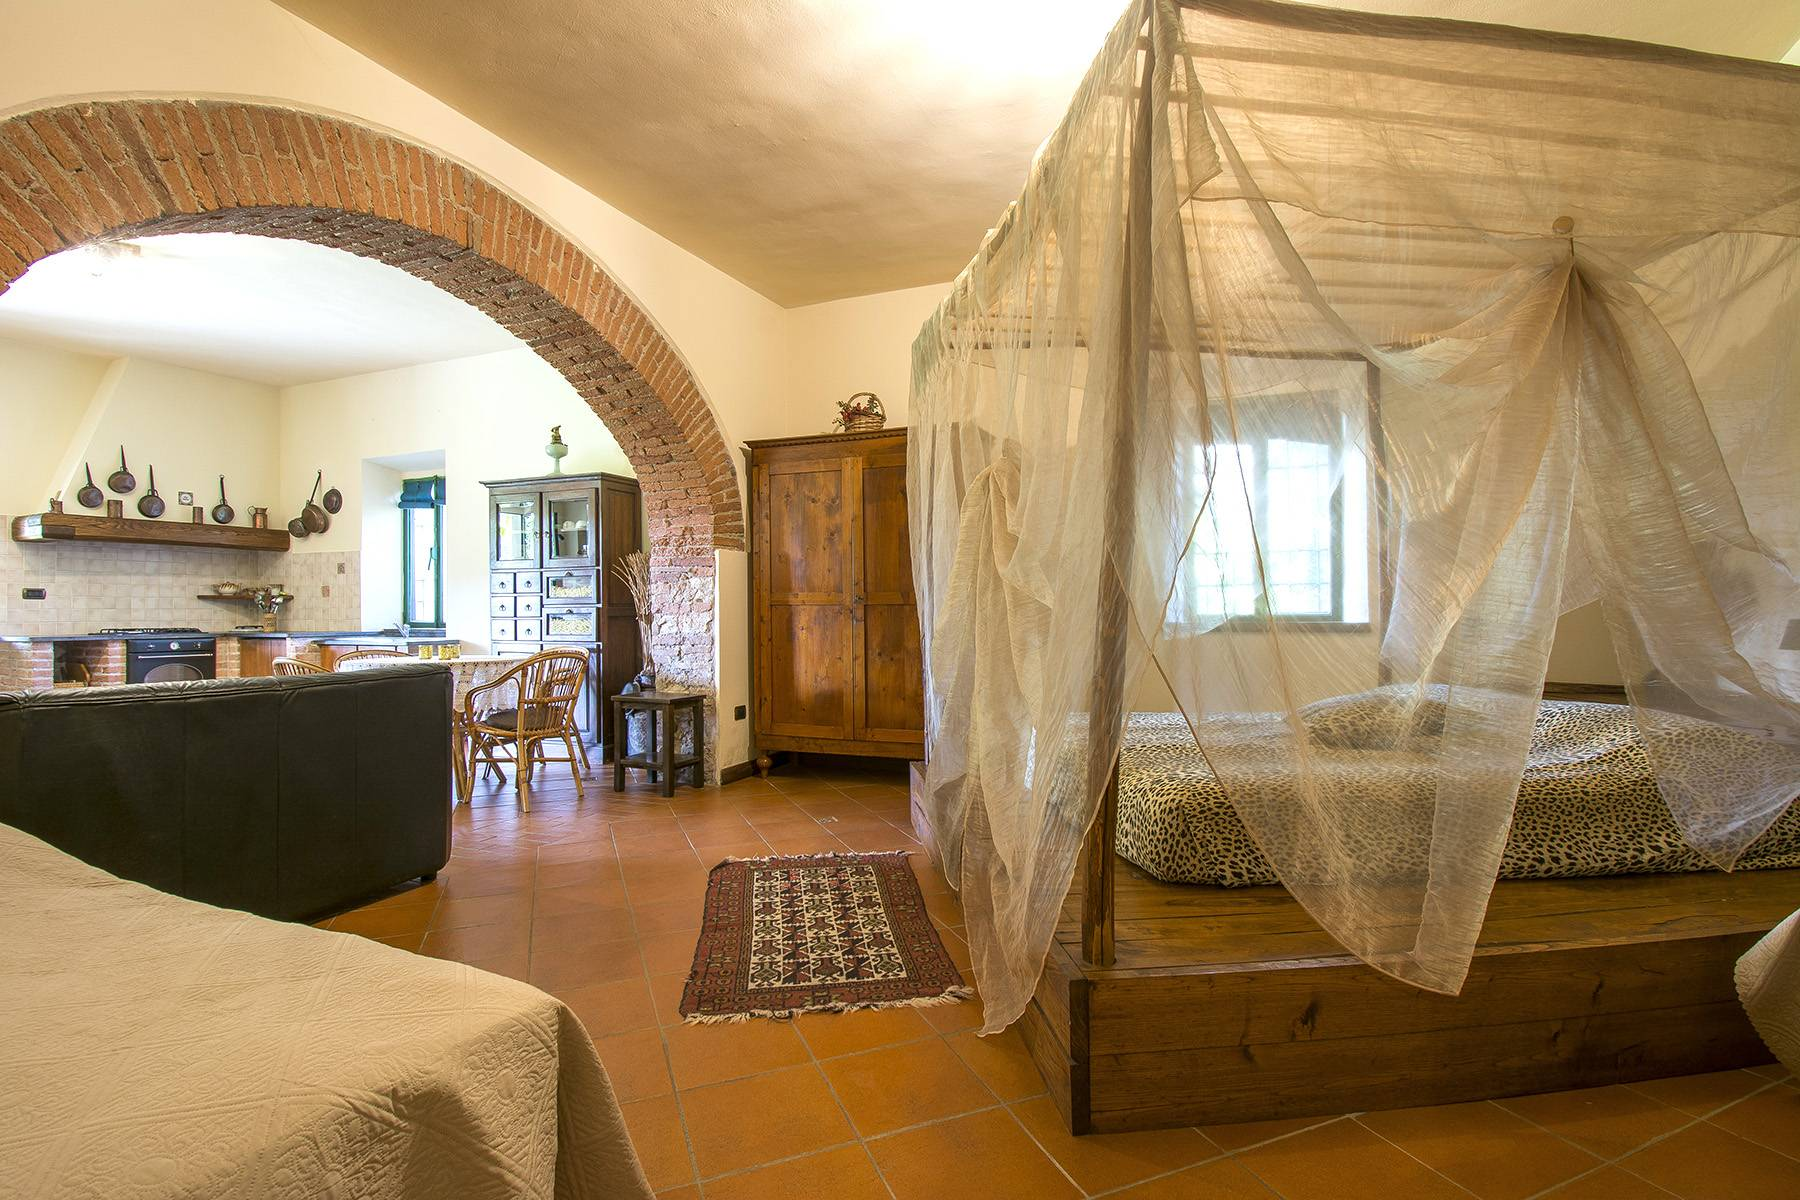 Bauernhaus mit Reitschule auf dem toskanischen Landschaft - 12